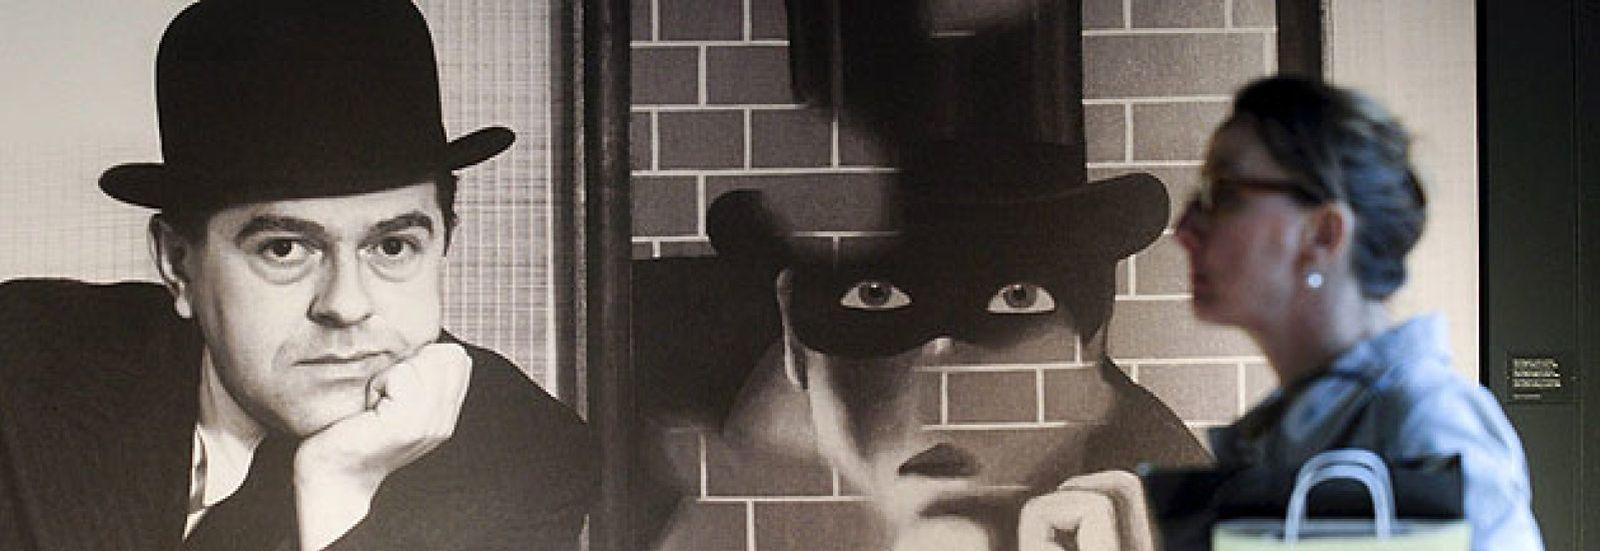 Museo Mayor Dedicado ArteAbre El A Magritte gf76yIvYb